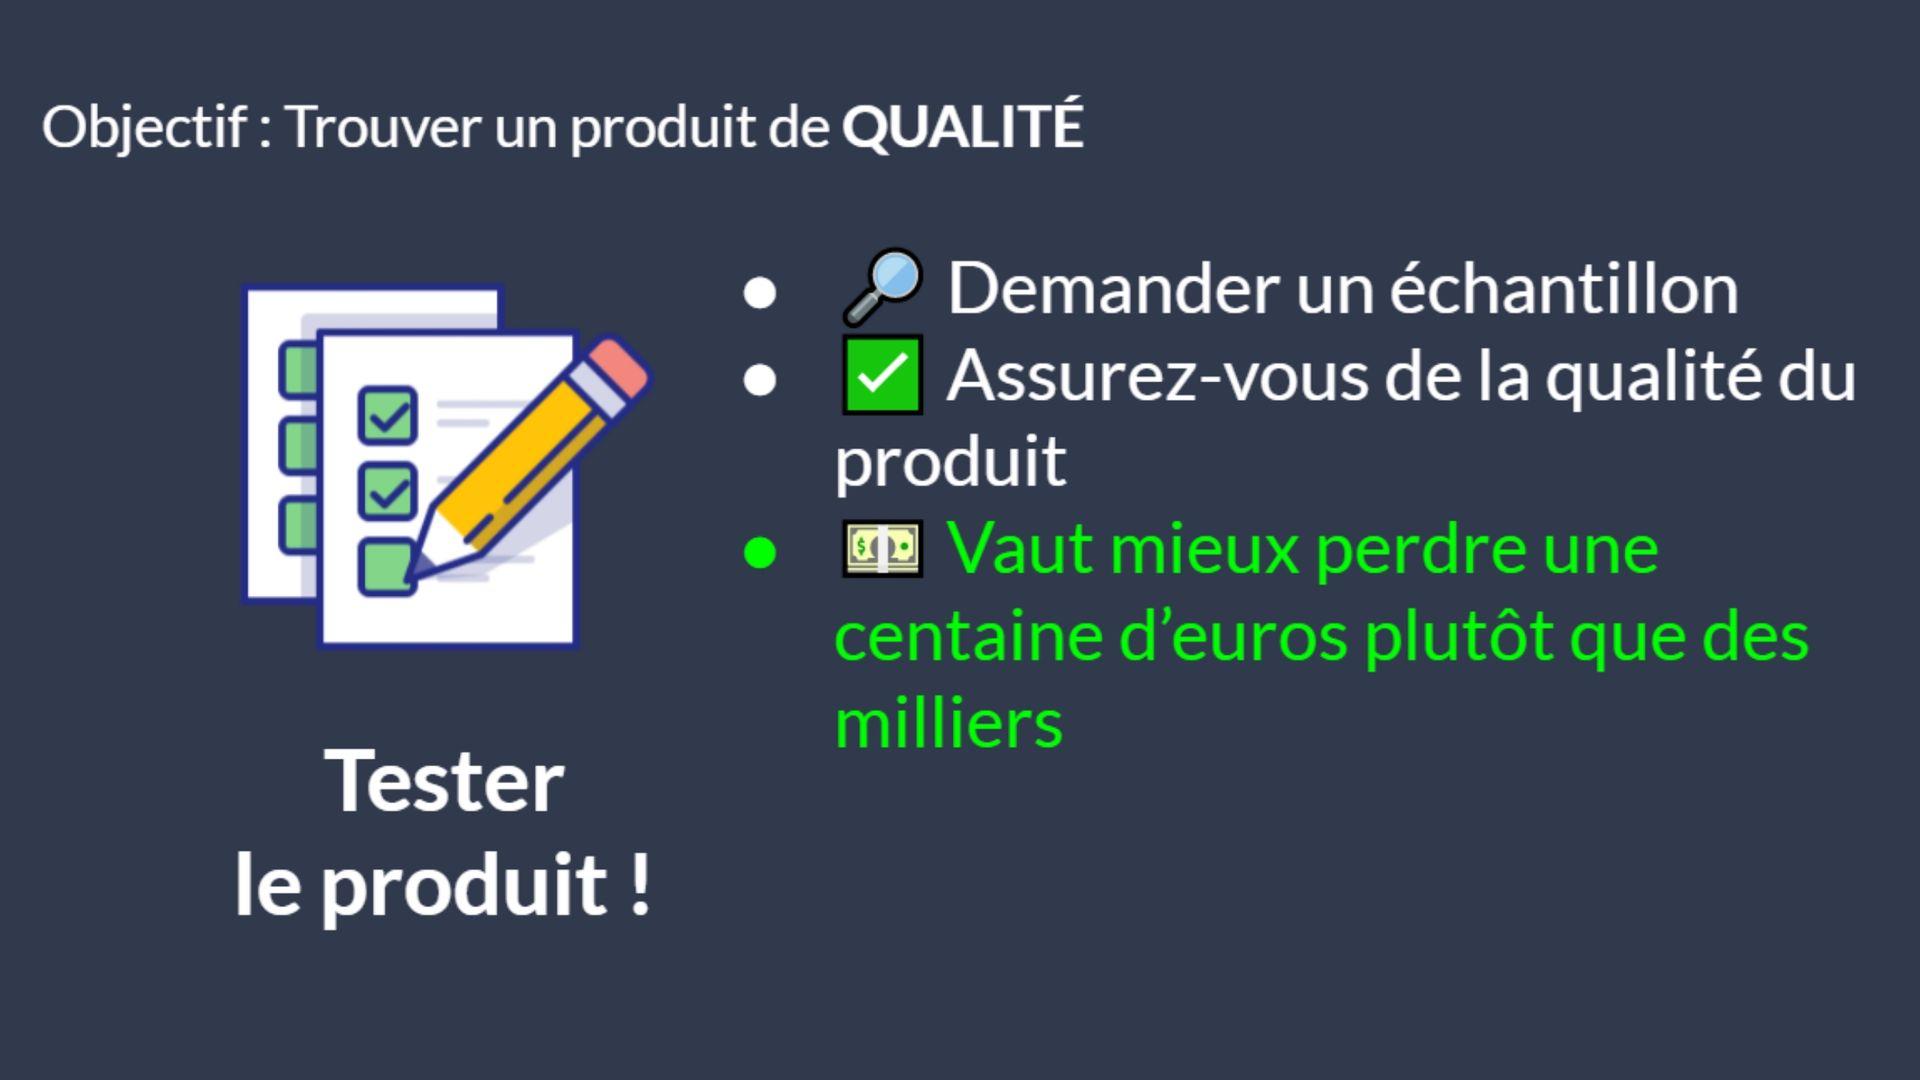 Trouver un produit de qualité à vendre sur Amazon